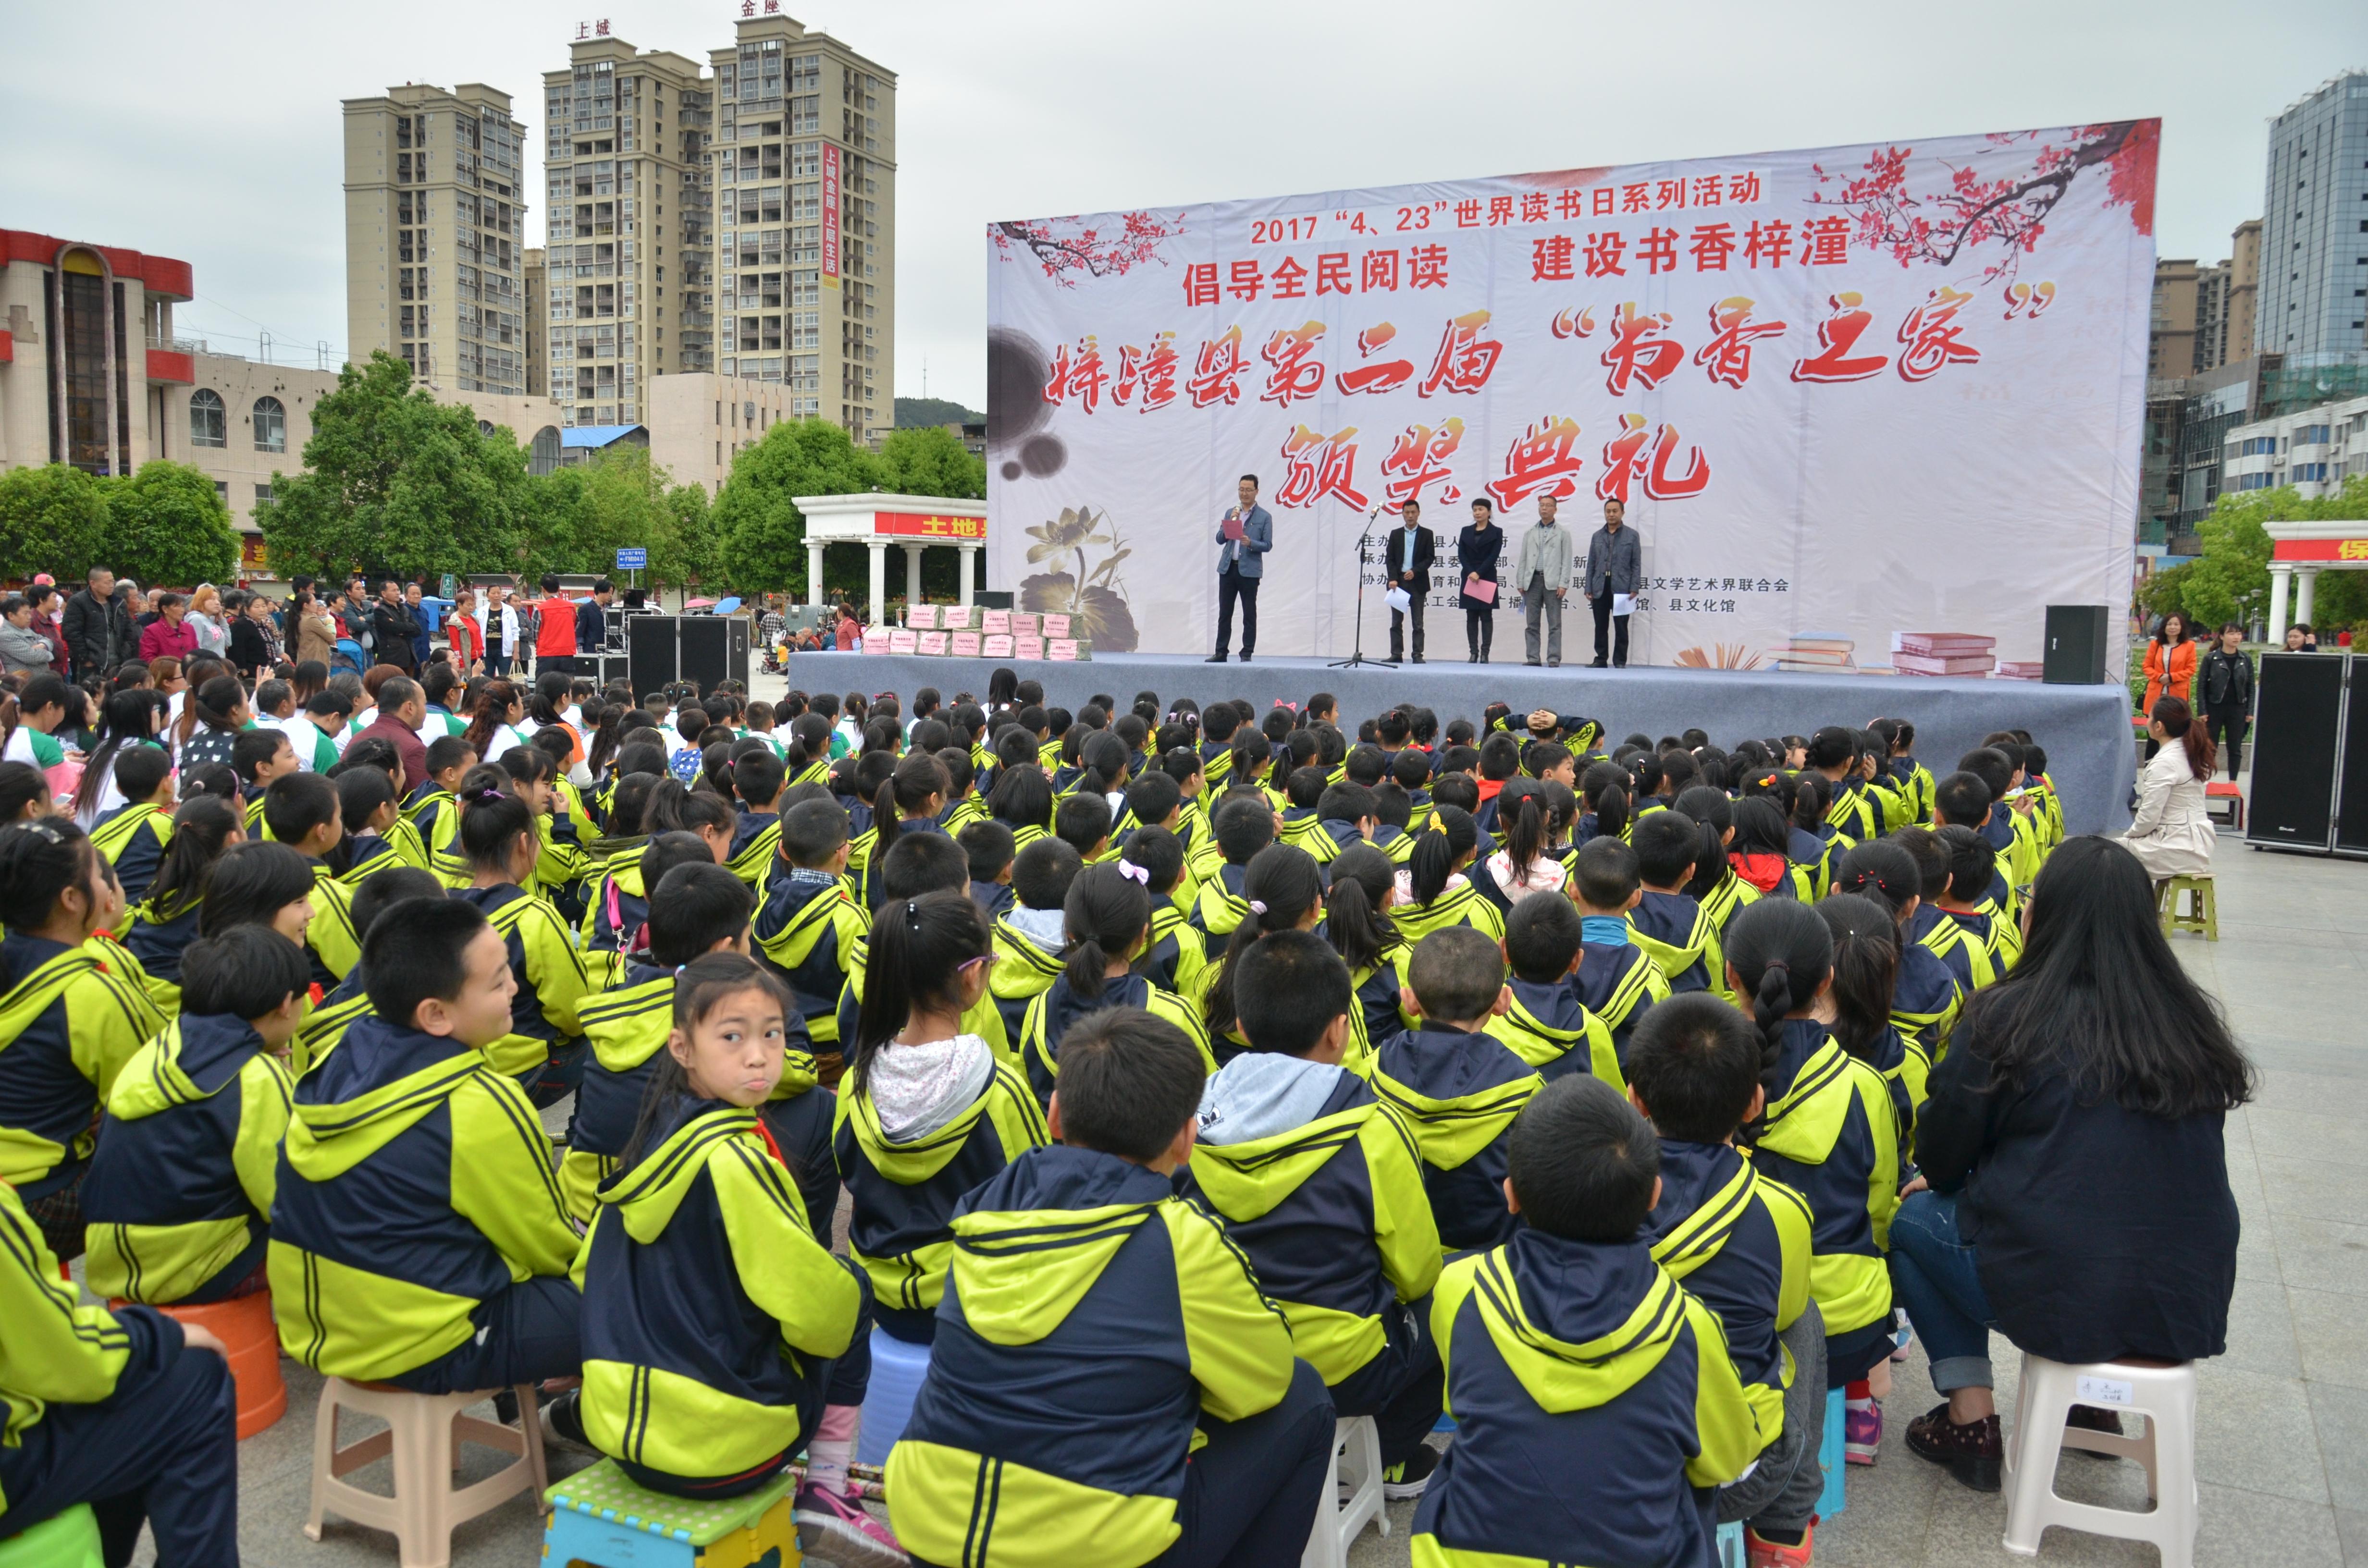 我县在部分乡镇设立了图书馆分馆,成立了梓潼县图书馆许州镇,黎雅镇